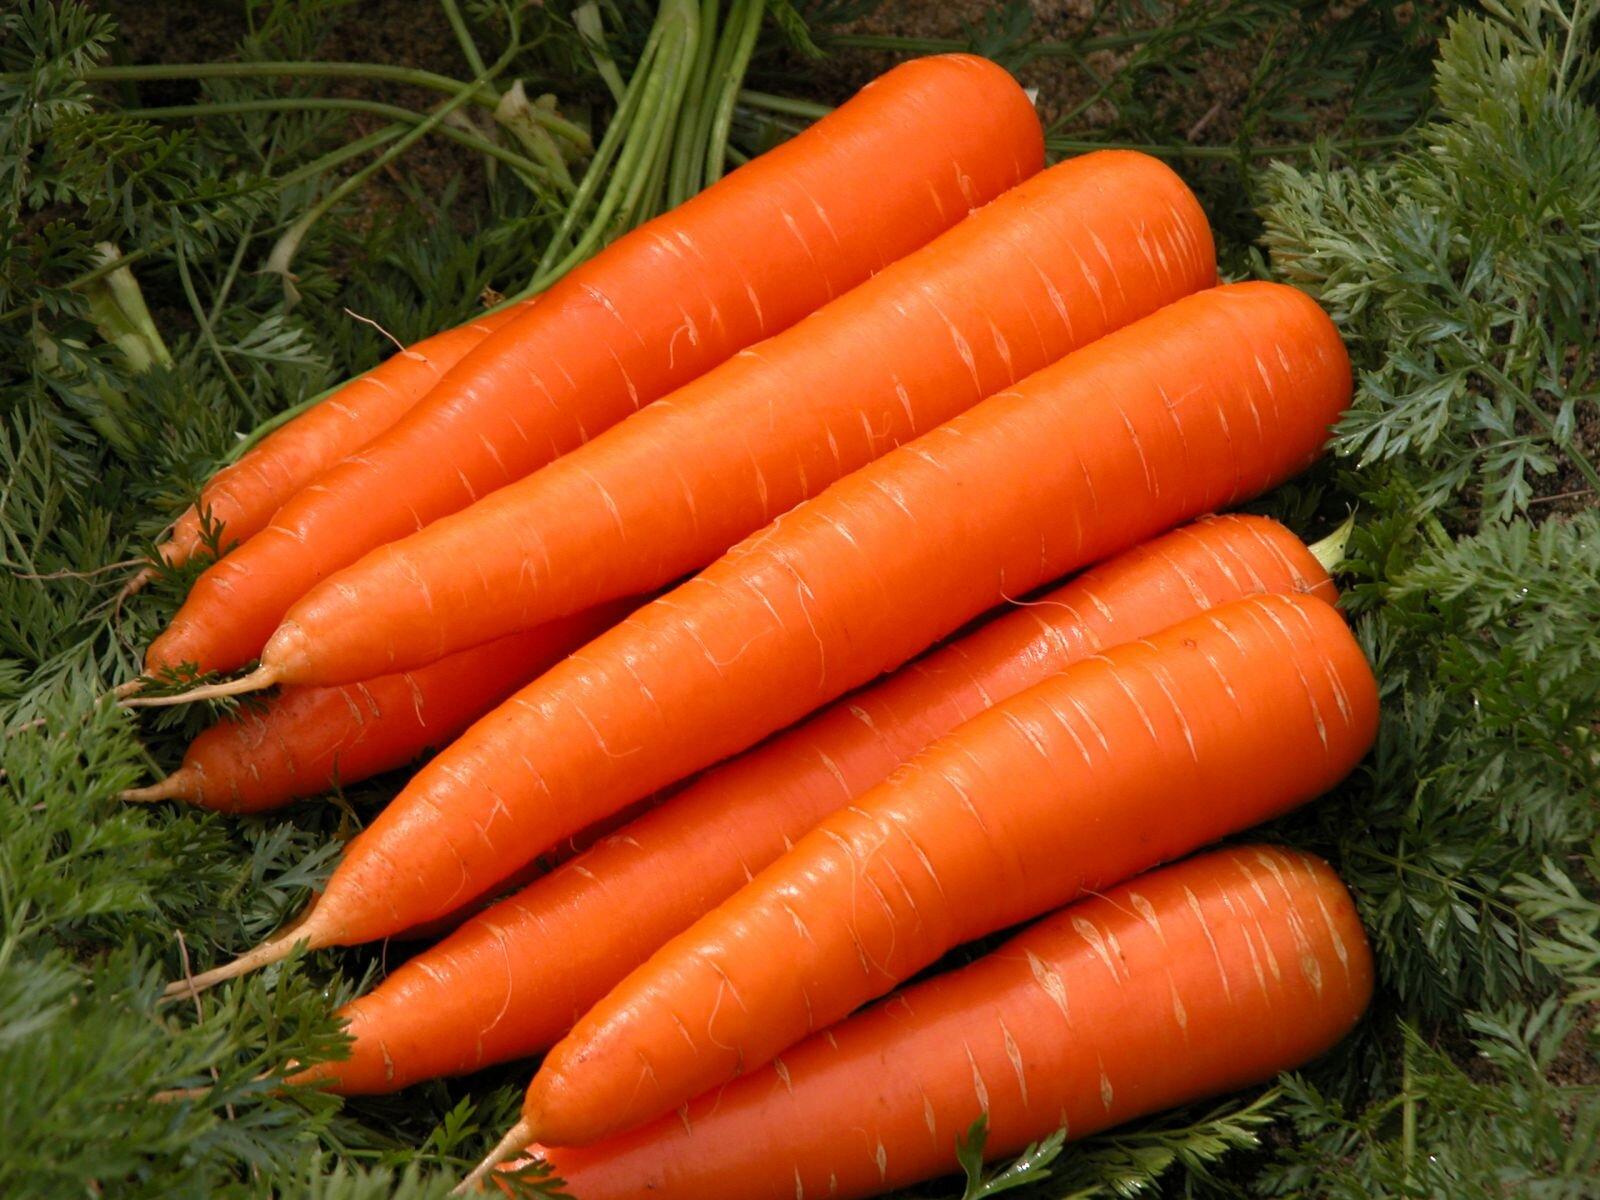 Cà rốt - thực phẩm lợi sữa bạn nên bổ sung hằng ngày